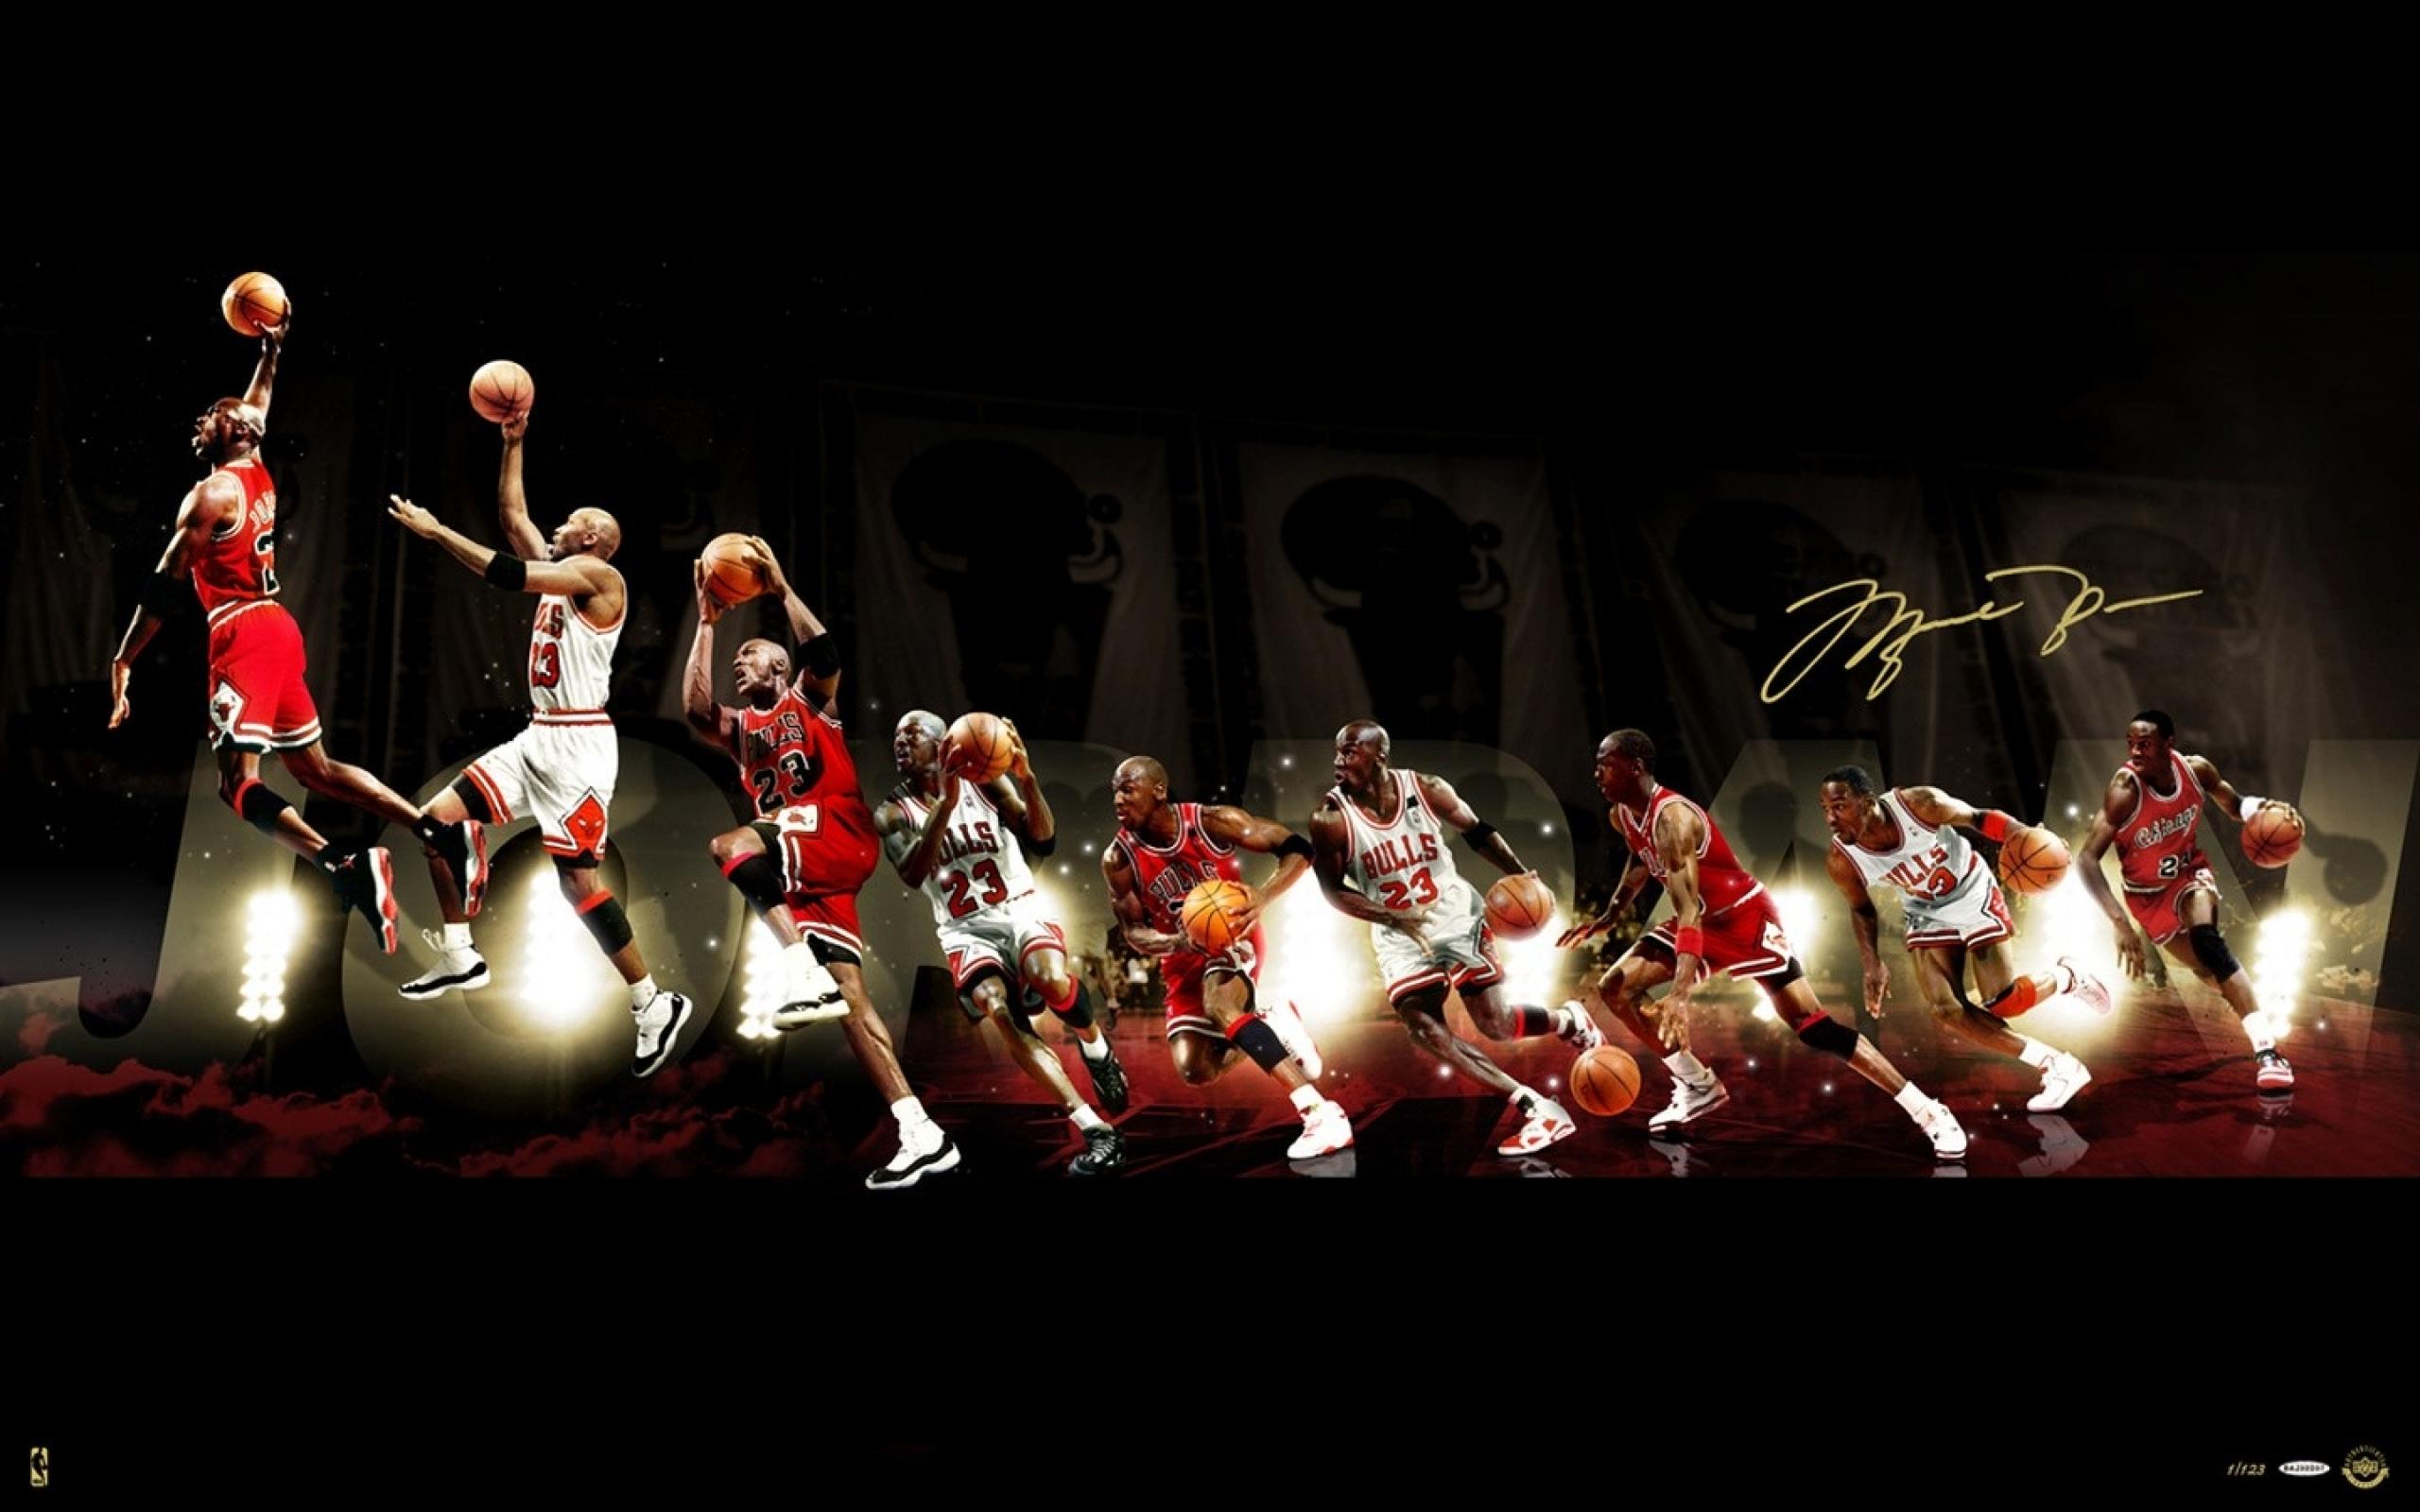 Jordan Wallpaper Iphone 6 Michael Jordan Wallpapers Pictures Images